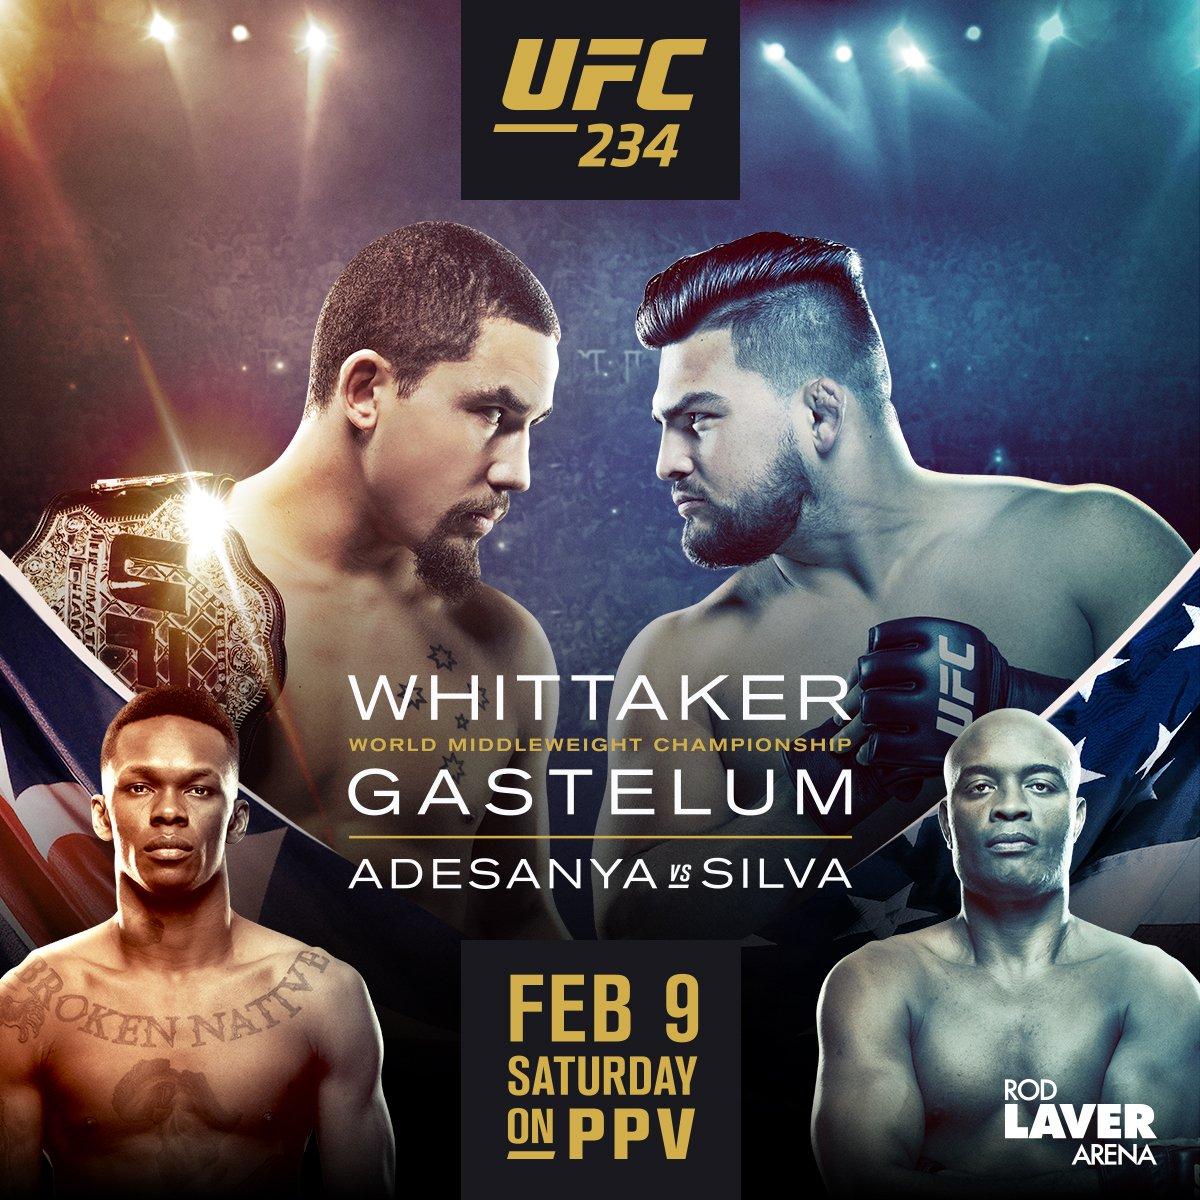 UFC-234-Whittaker-VS-Gastelum